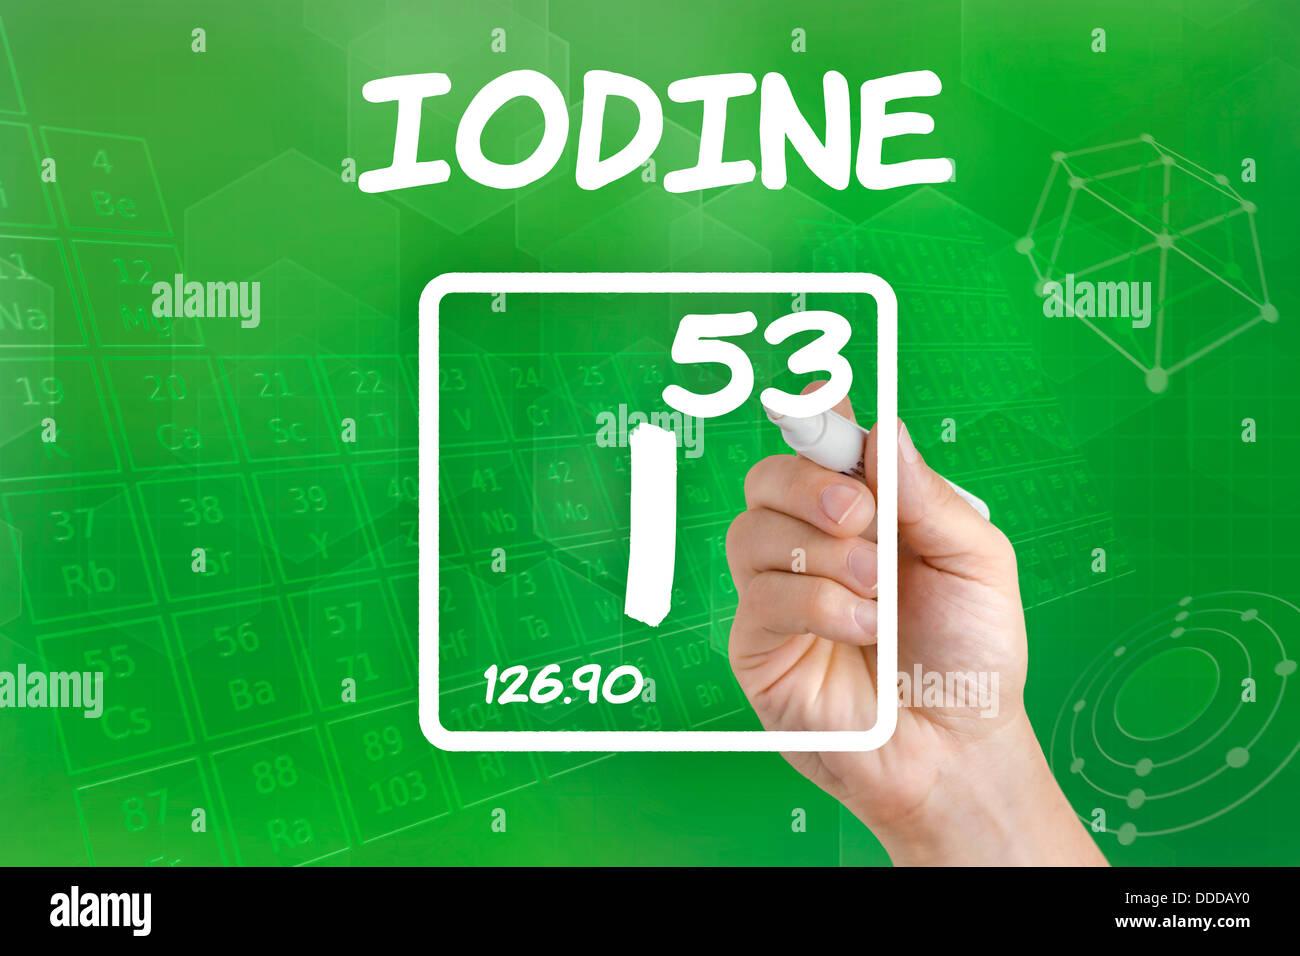 Symbol for the chemical element iodine stock photo 59915604 alamy symbol for the chemical element iodine urtaz Choice Image